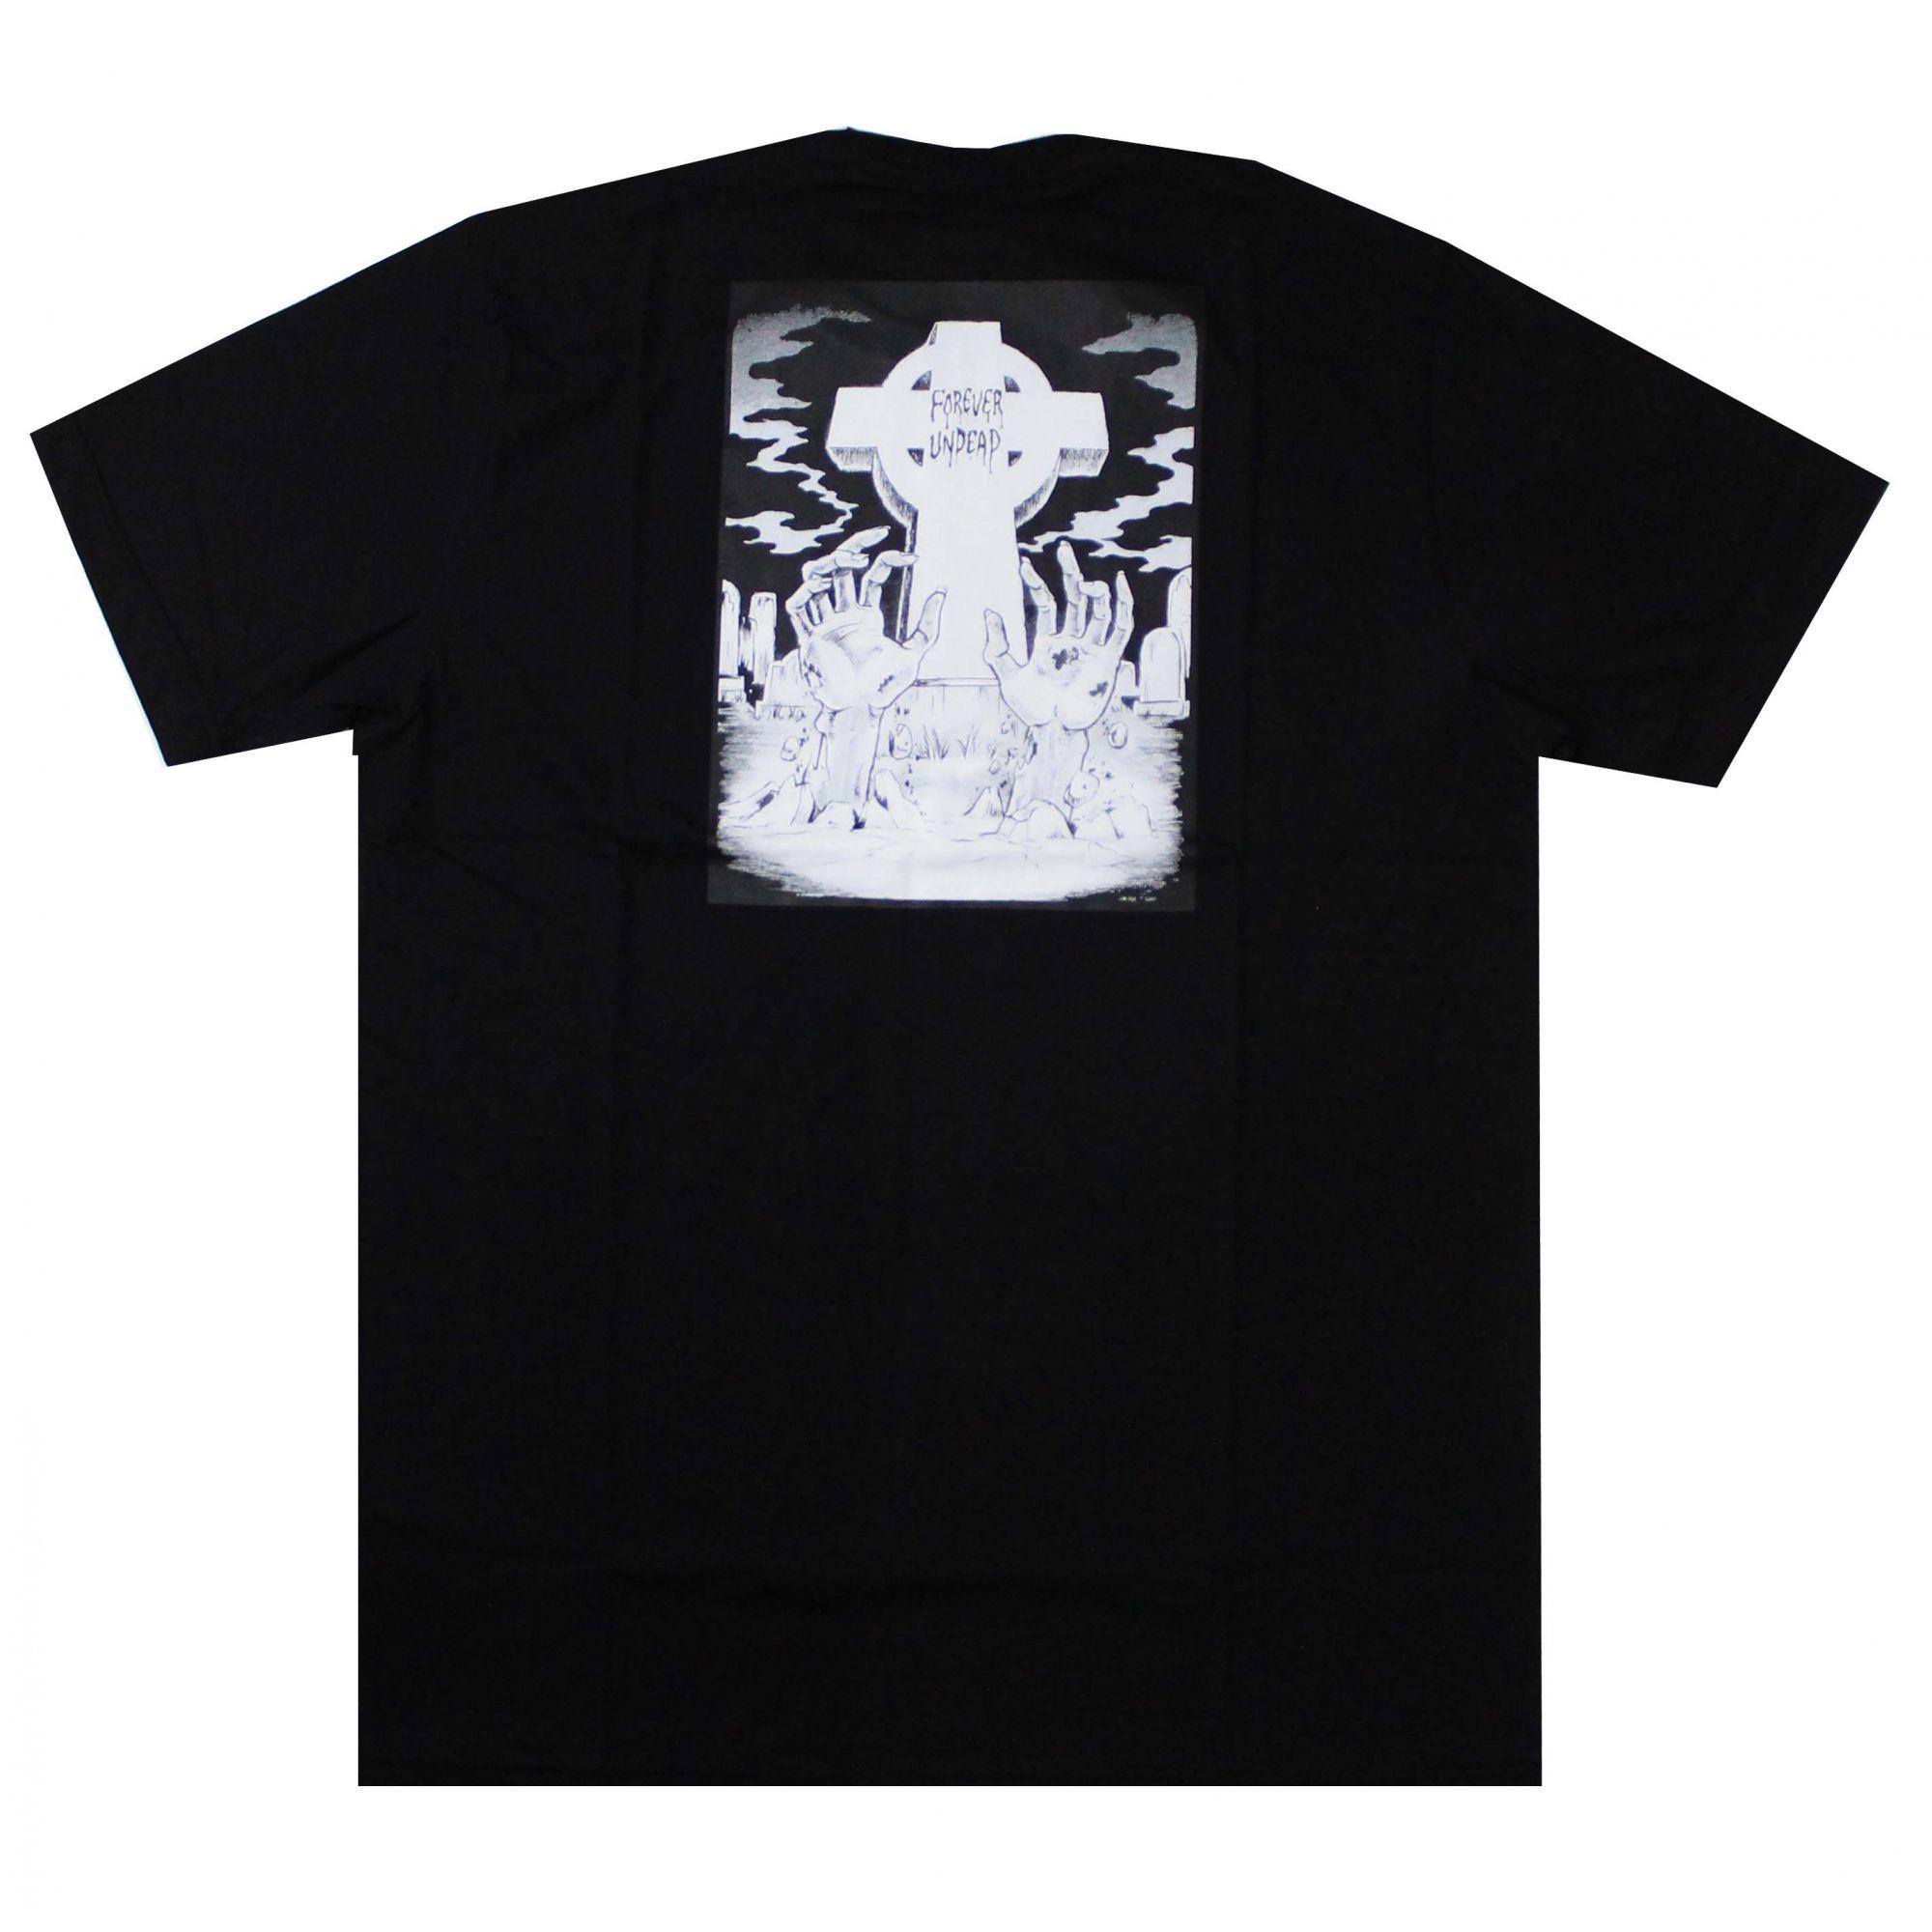 Camiseta Creature Forever Undead Preto